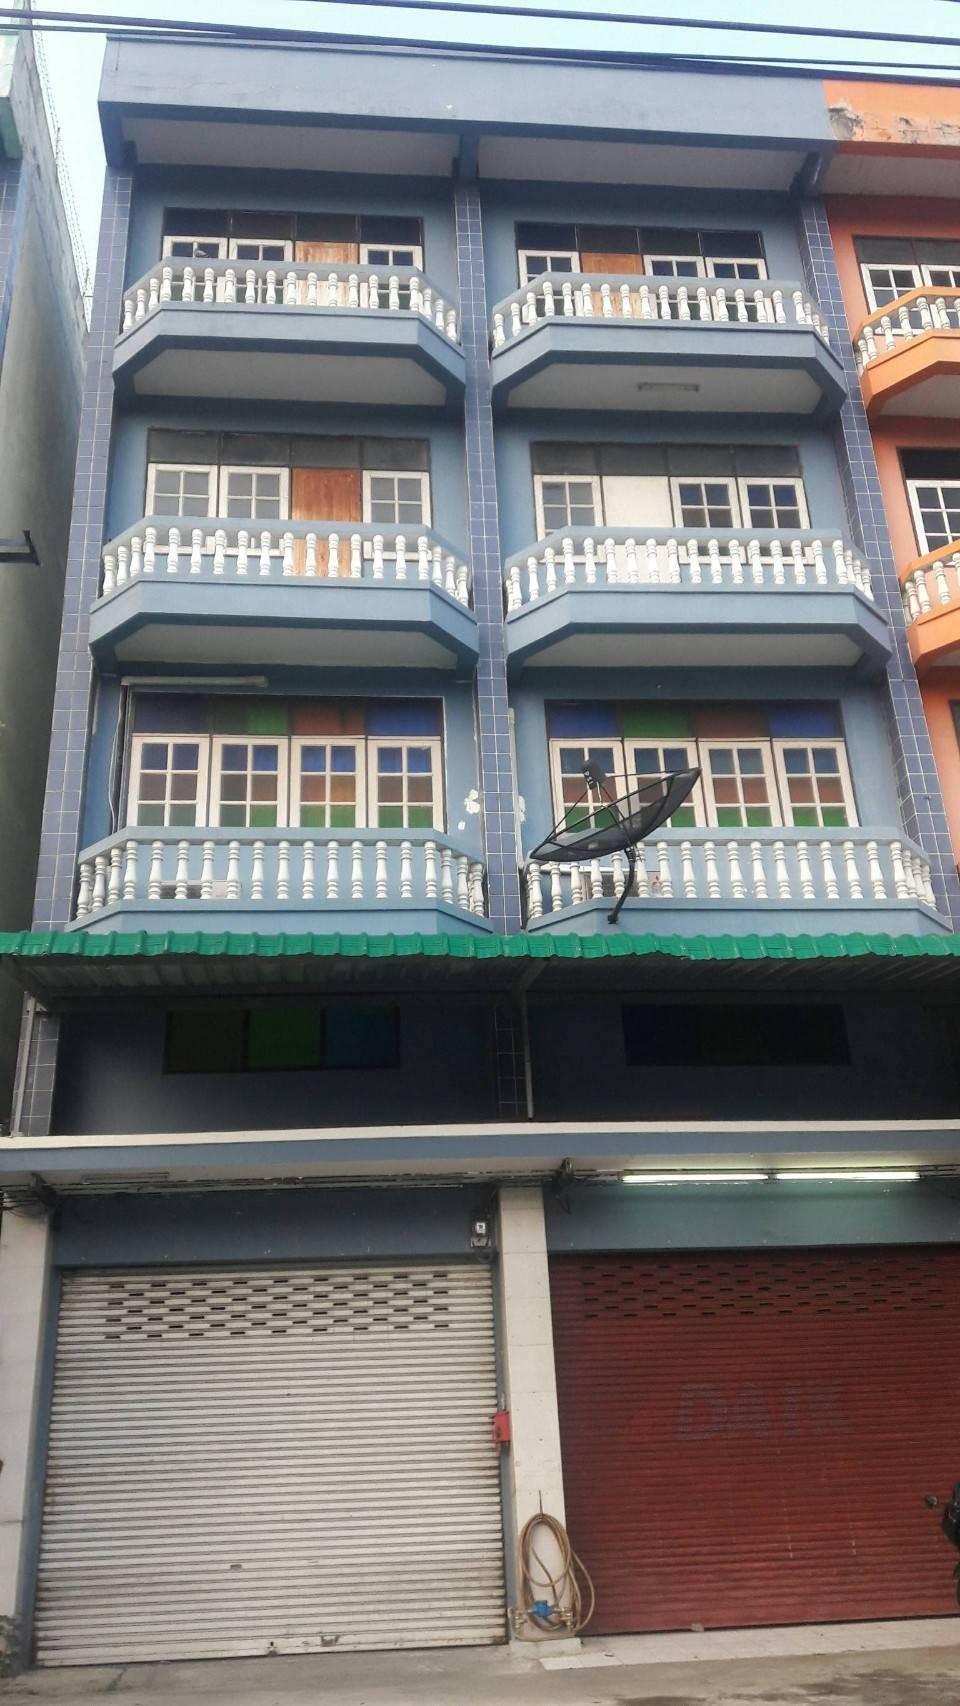 ขายอาคารพาณิชย์ 4.5 ชั้น 2 คูหา ติดถนนบรมราชชนนี